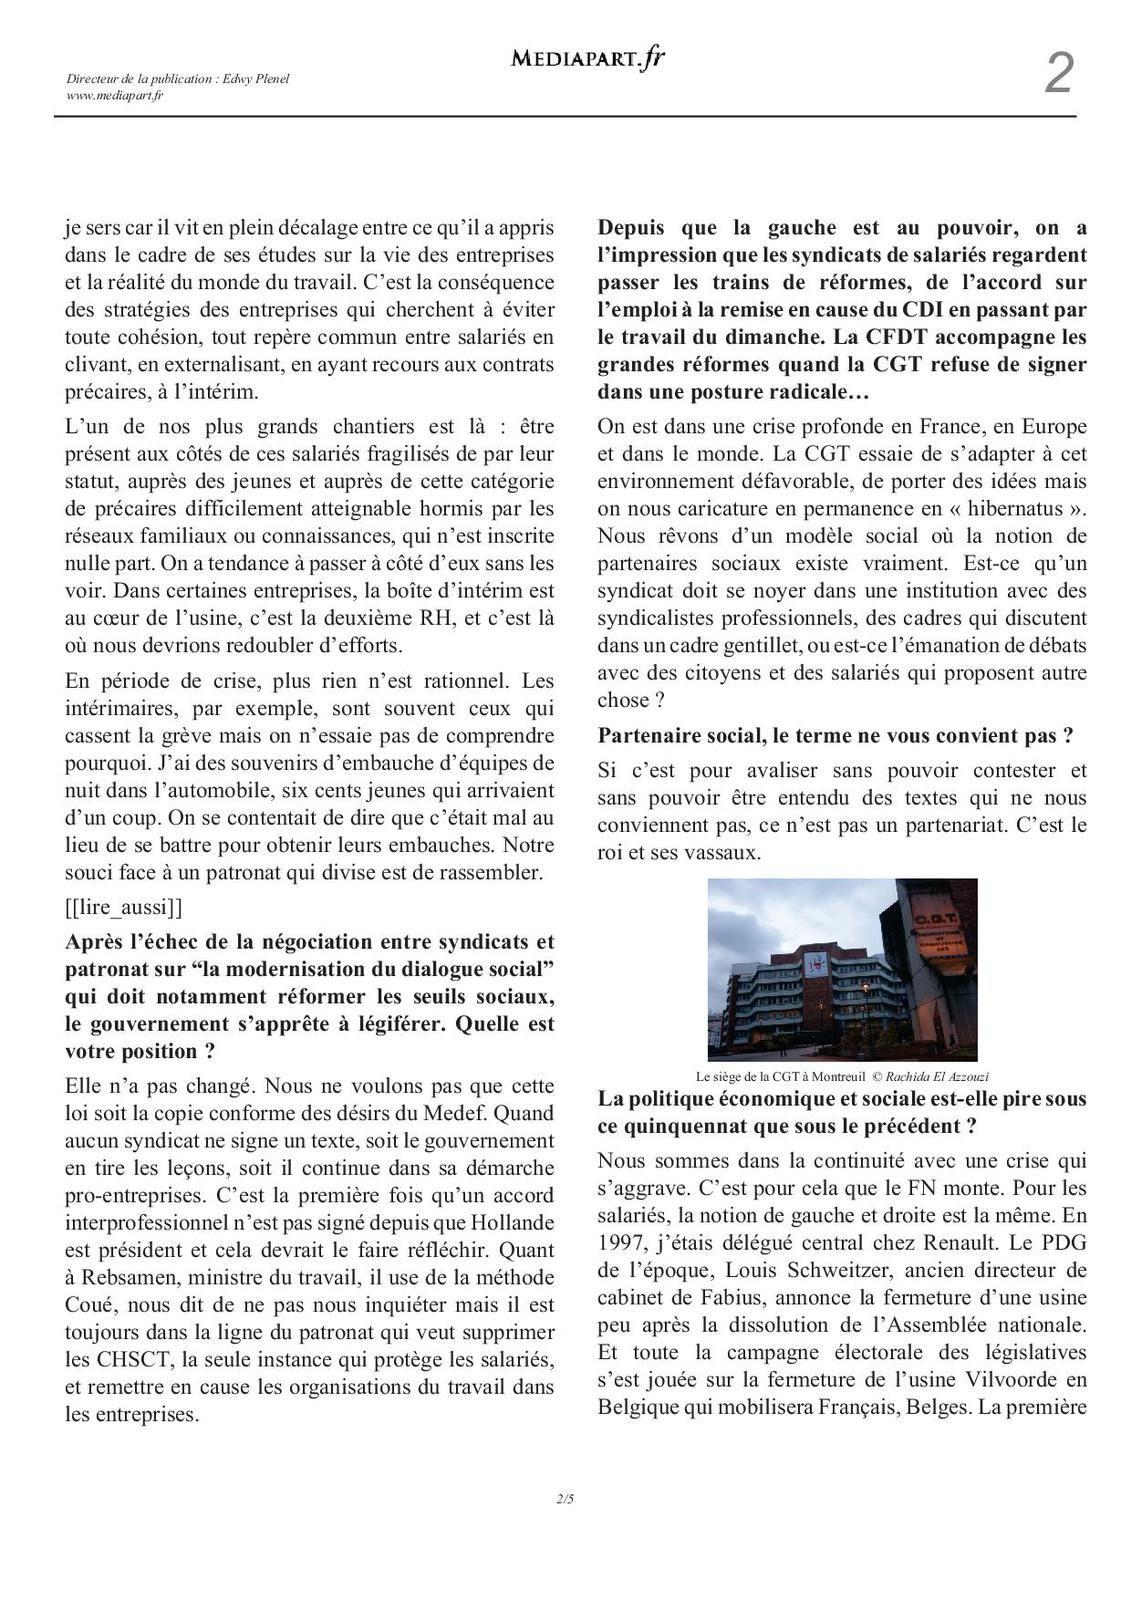 Philippe Martinez (CGT): «Nous devons être présents auprès des salariés précaires» (source Médiapart)